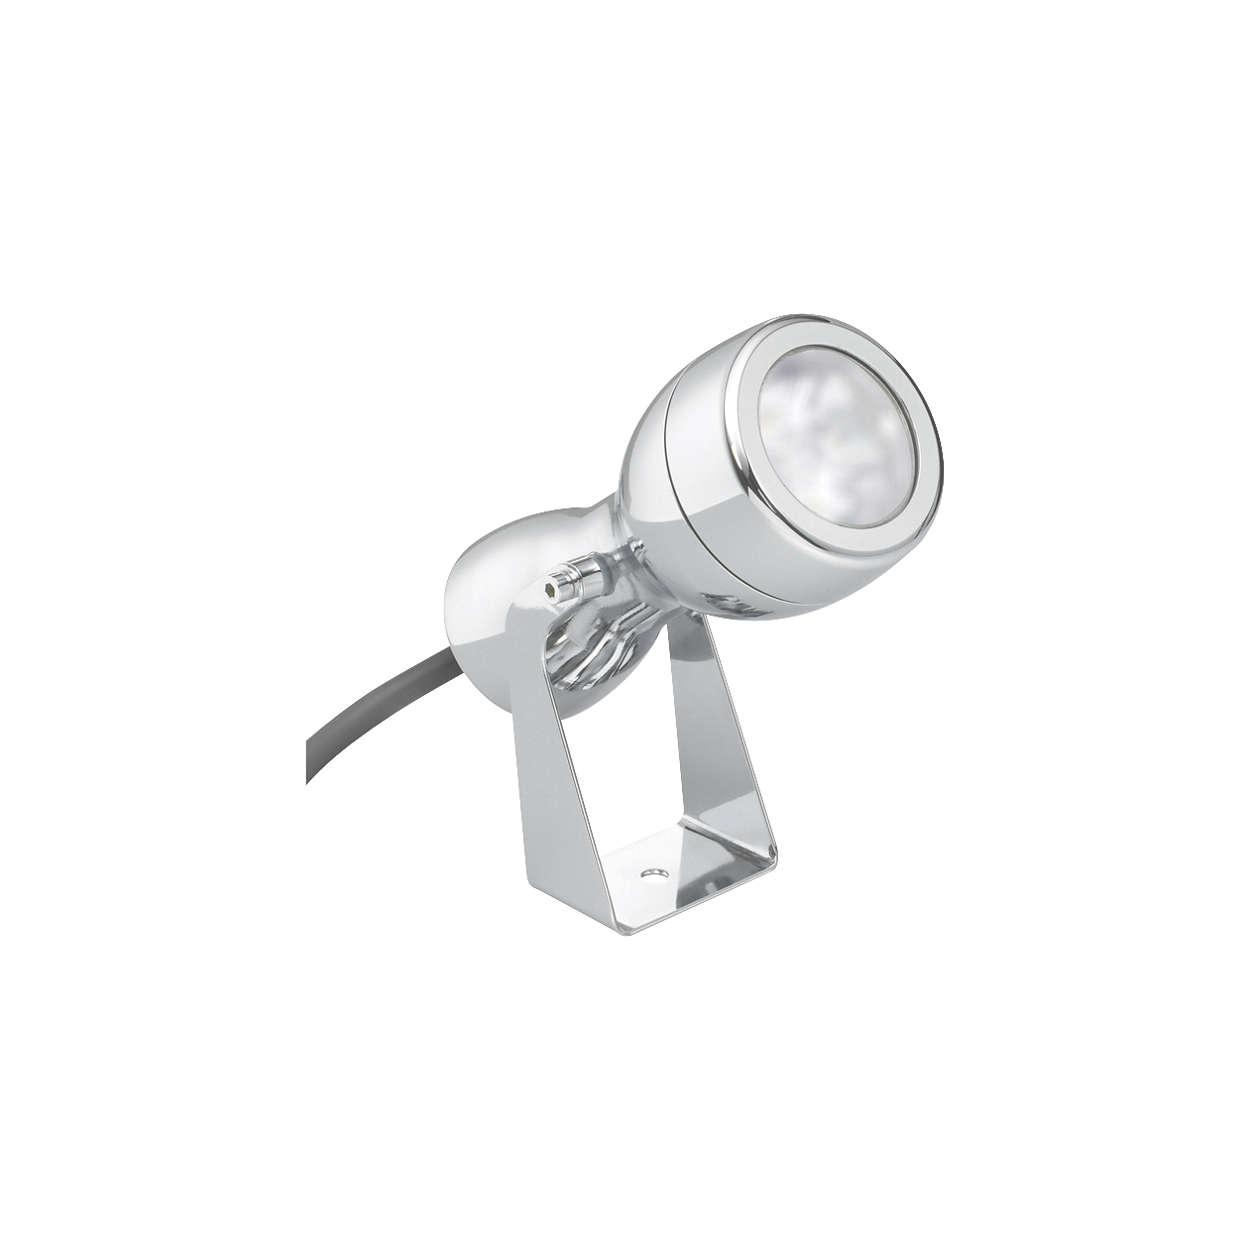 Монтируемые на поверхность светильники AmphiLux — наружное освещение общественных мест